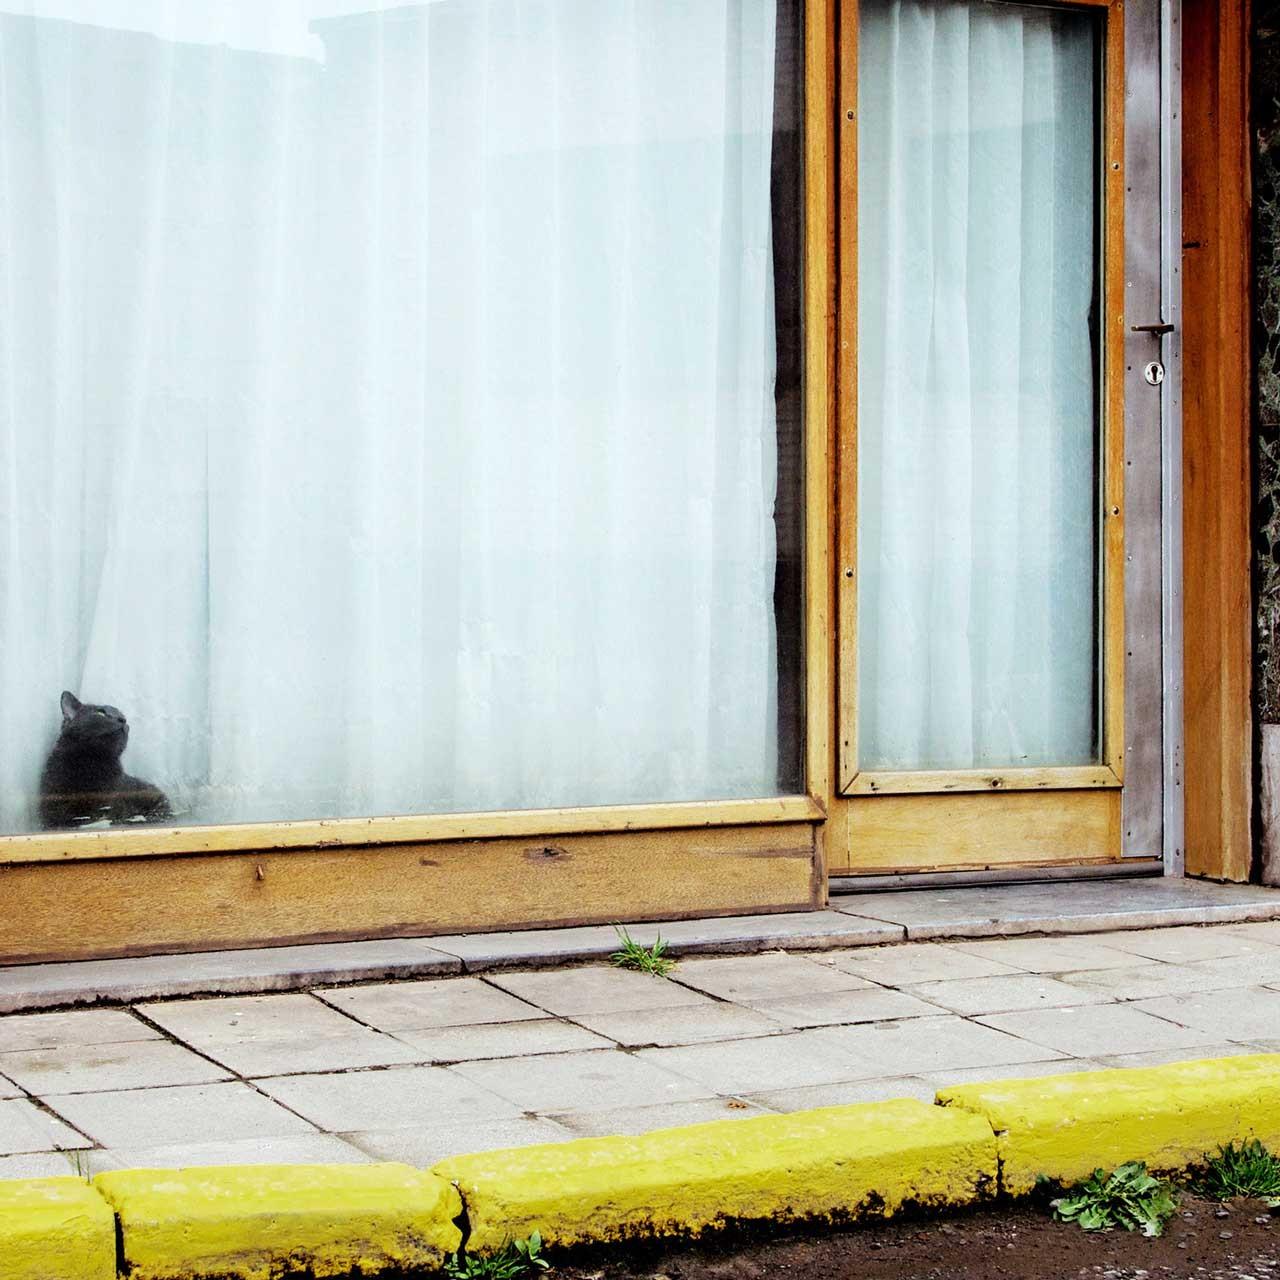 Laure-Maud_photographe_reportage_Belgique-03